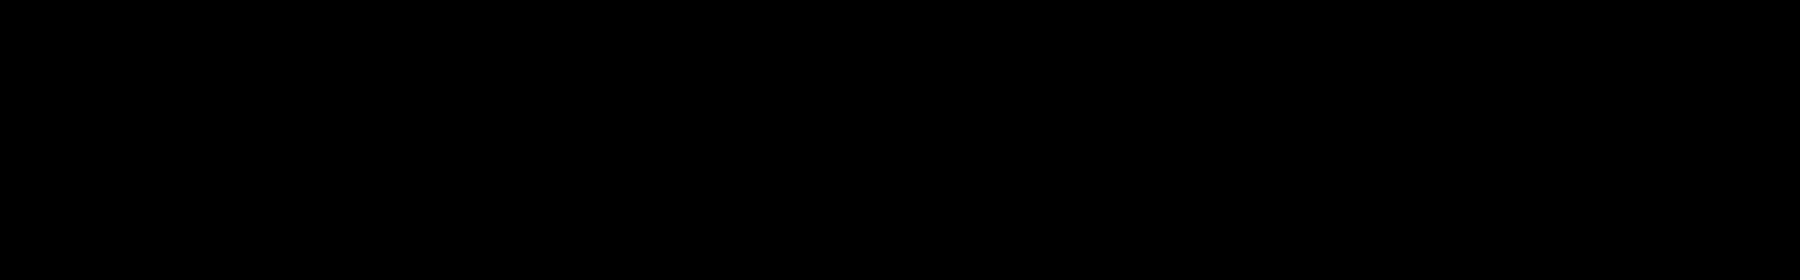 PARTICLES audio waveform